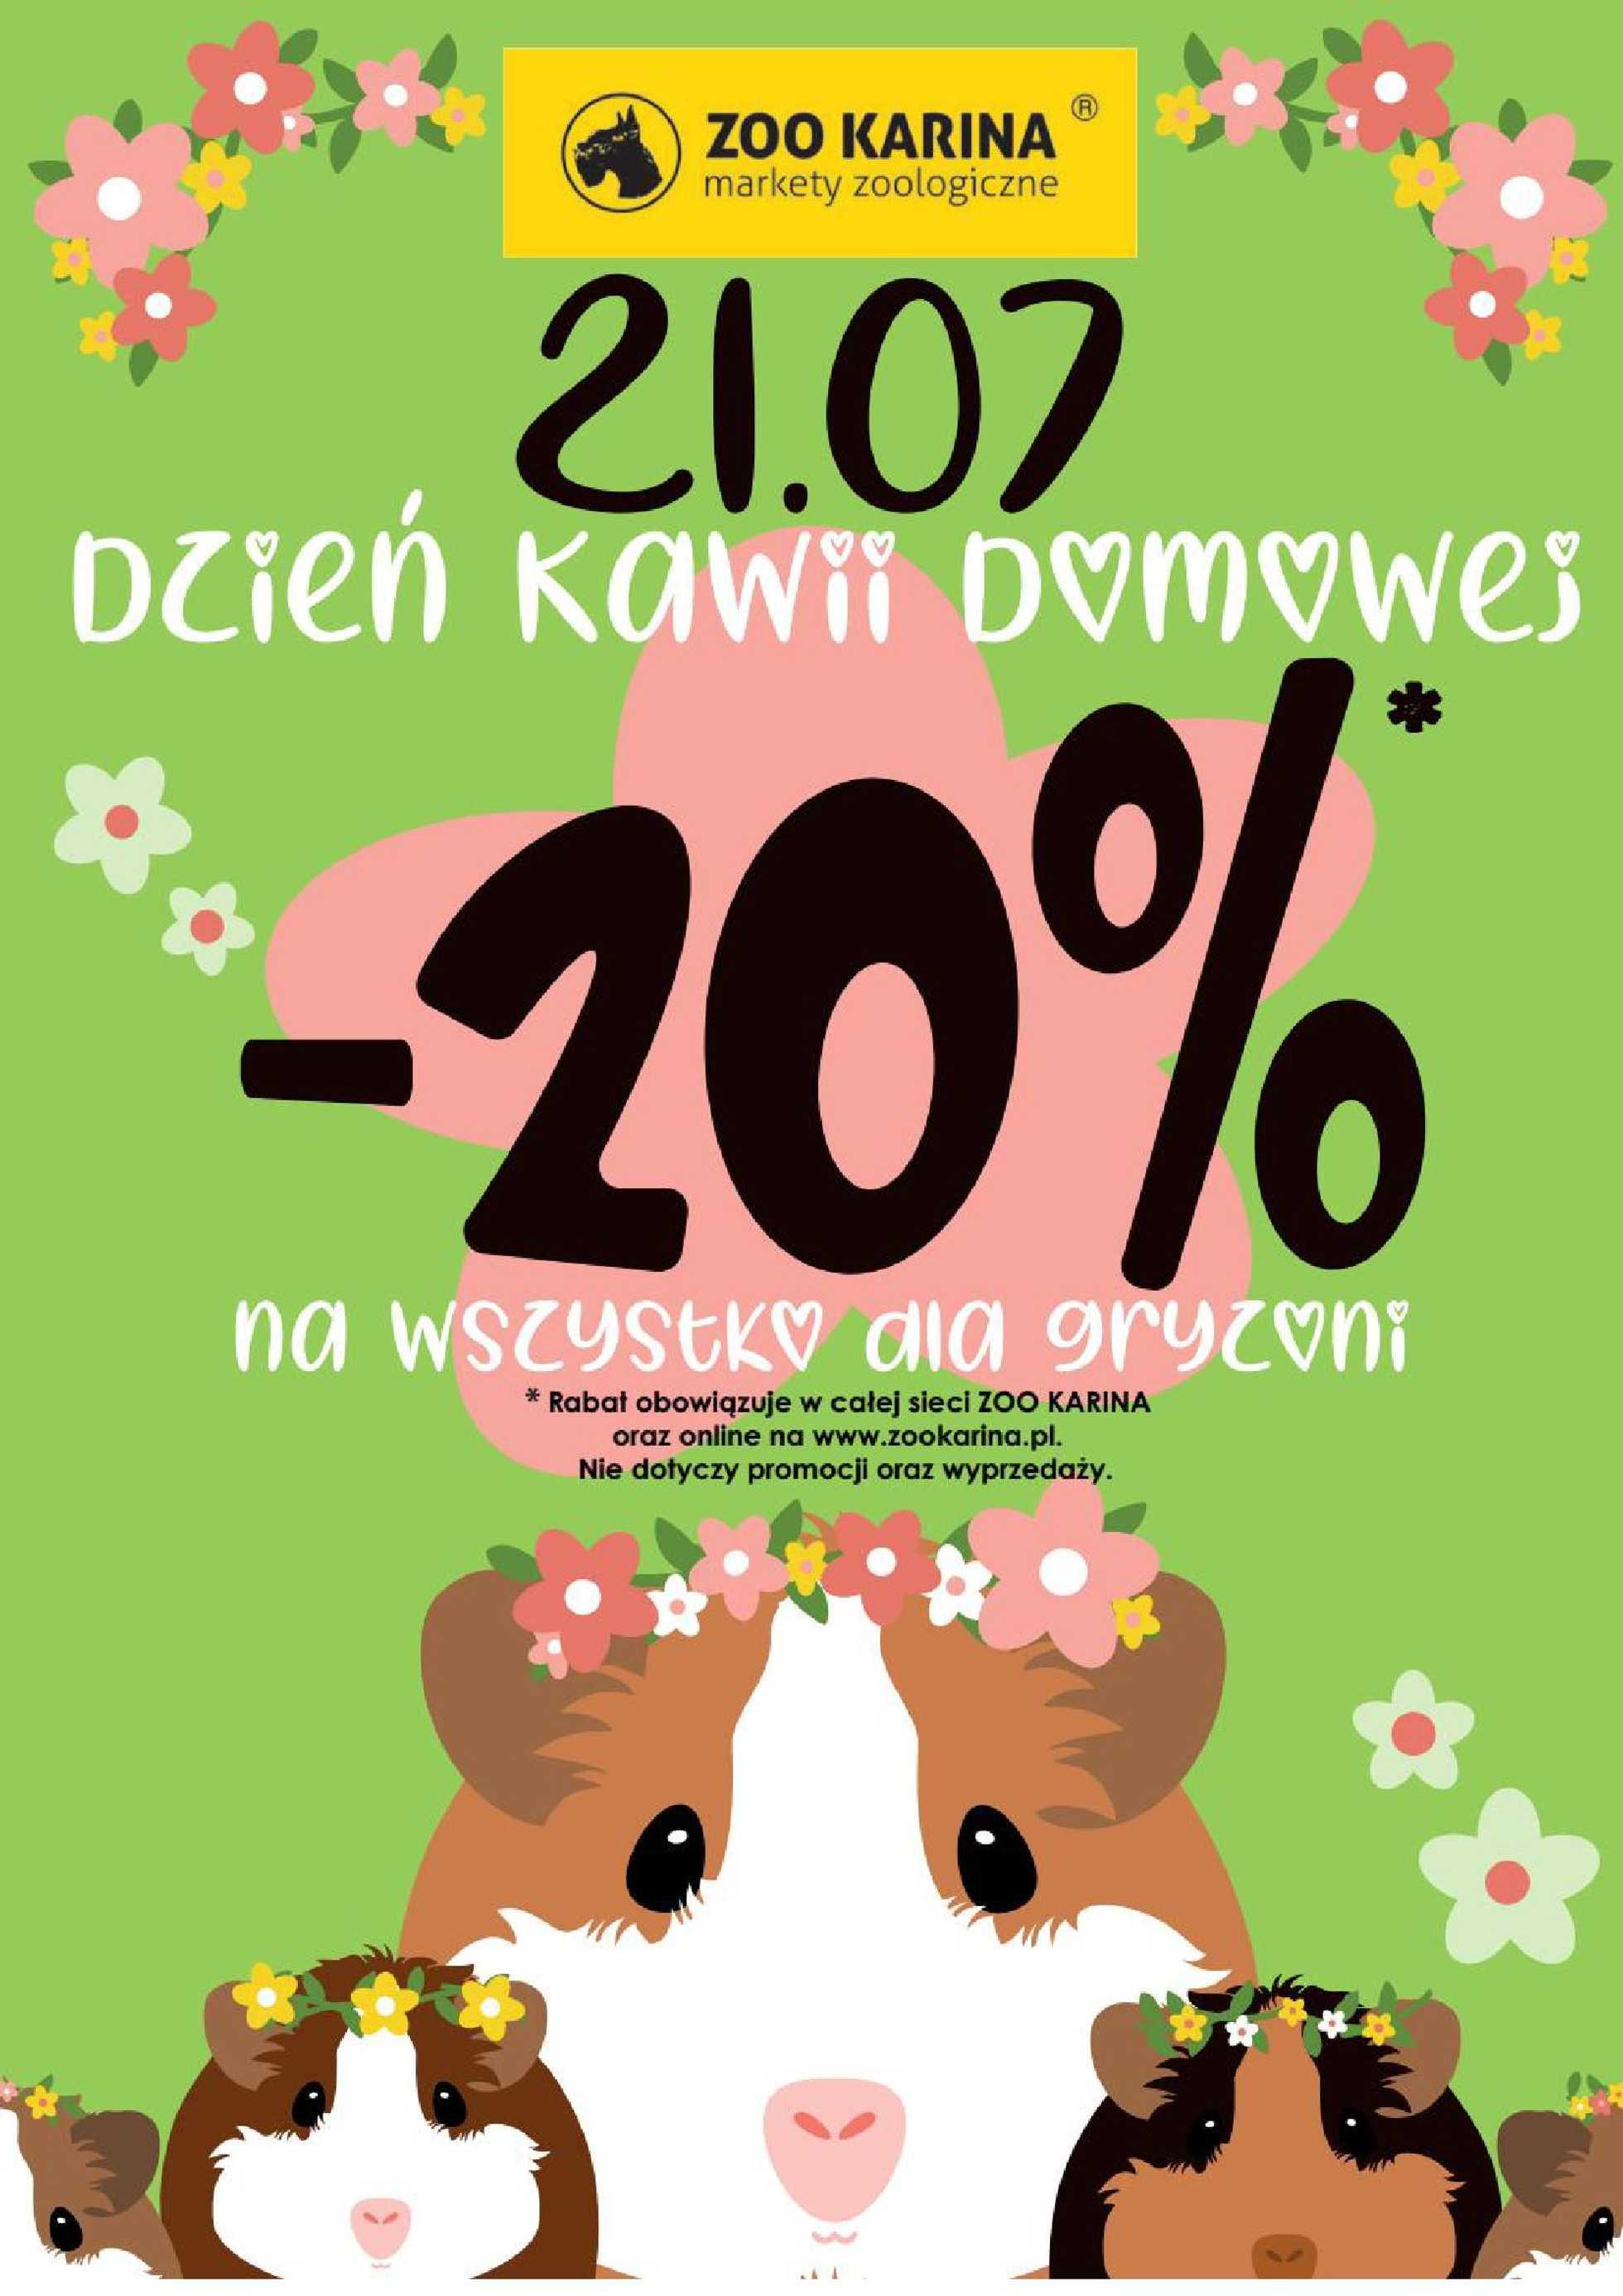 ZOO Karina - gazetka promocyjna ważna od 01.07.2020 do 31.07.2020 - strona 3.